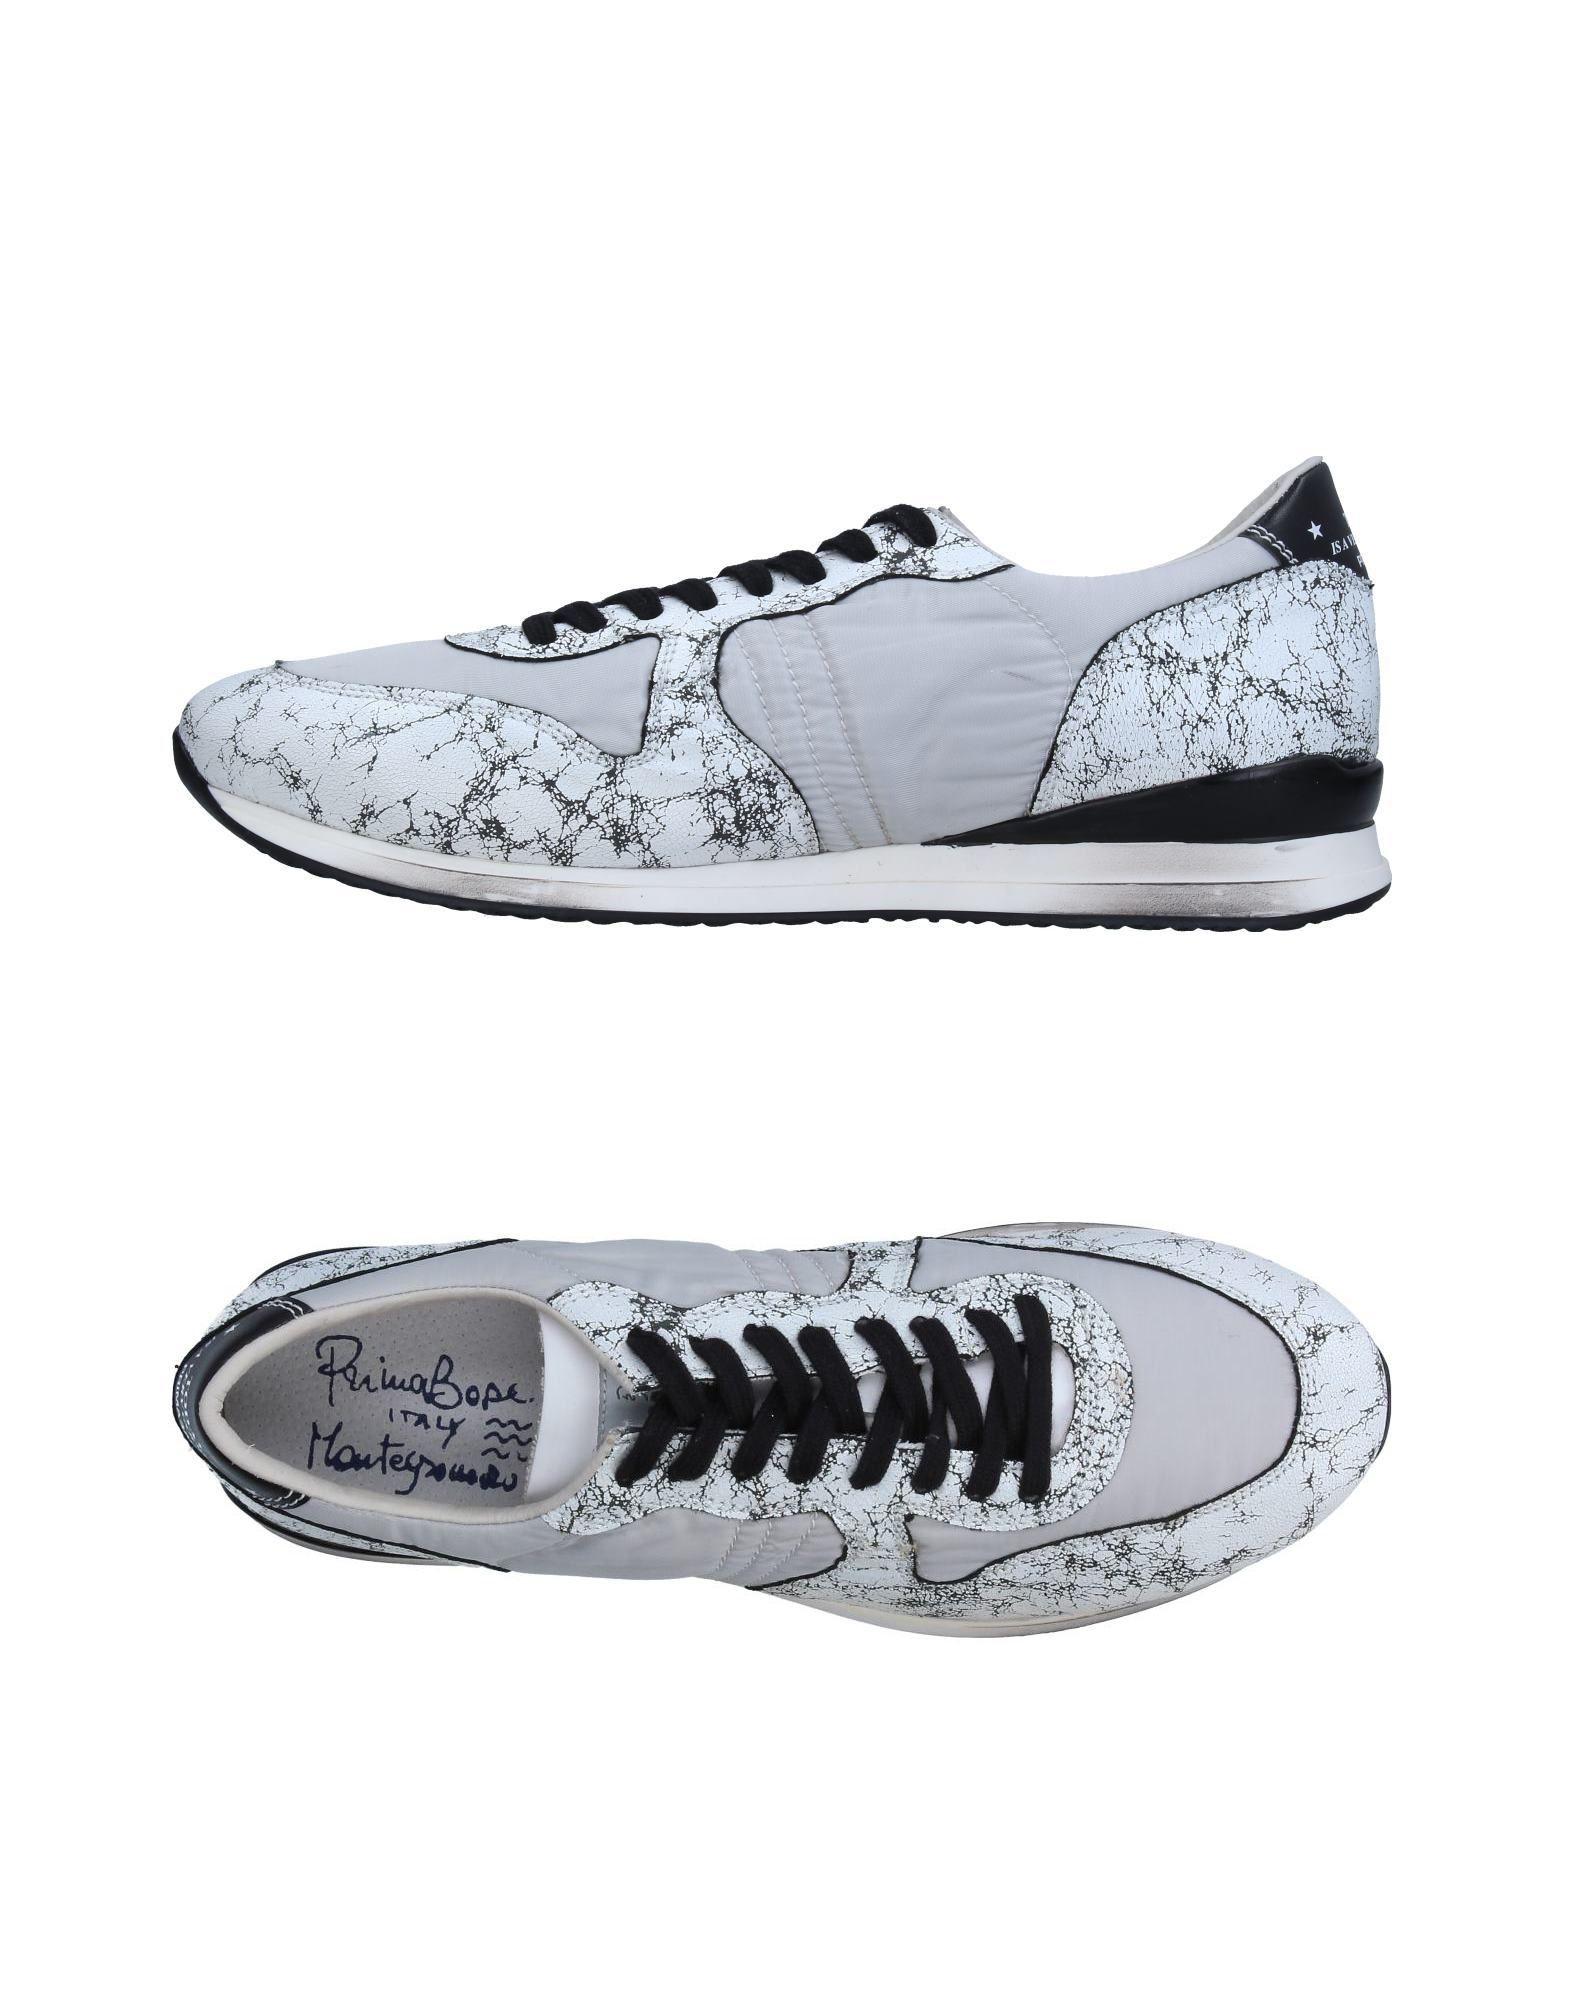 PRIMABASE Herren Low Sneakers & Tennisschuhe Farbe Hellgrau Größe 15 jetztbilligerkaufen